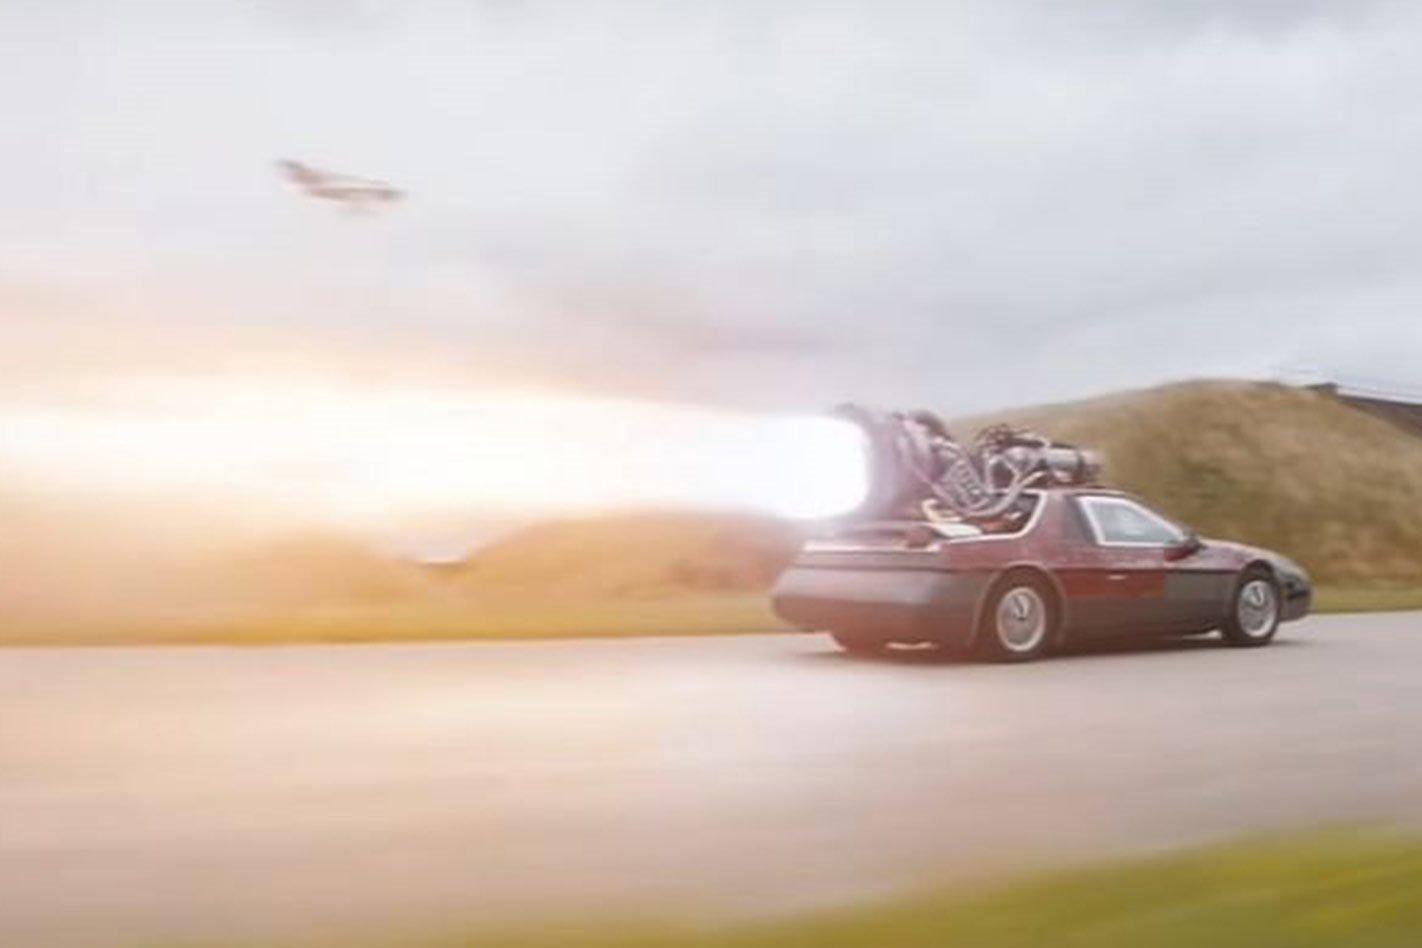 Fast and Furious 9 : un brouhaha visuel et scénaristique attachant